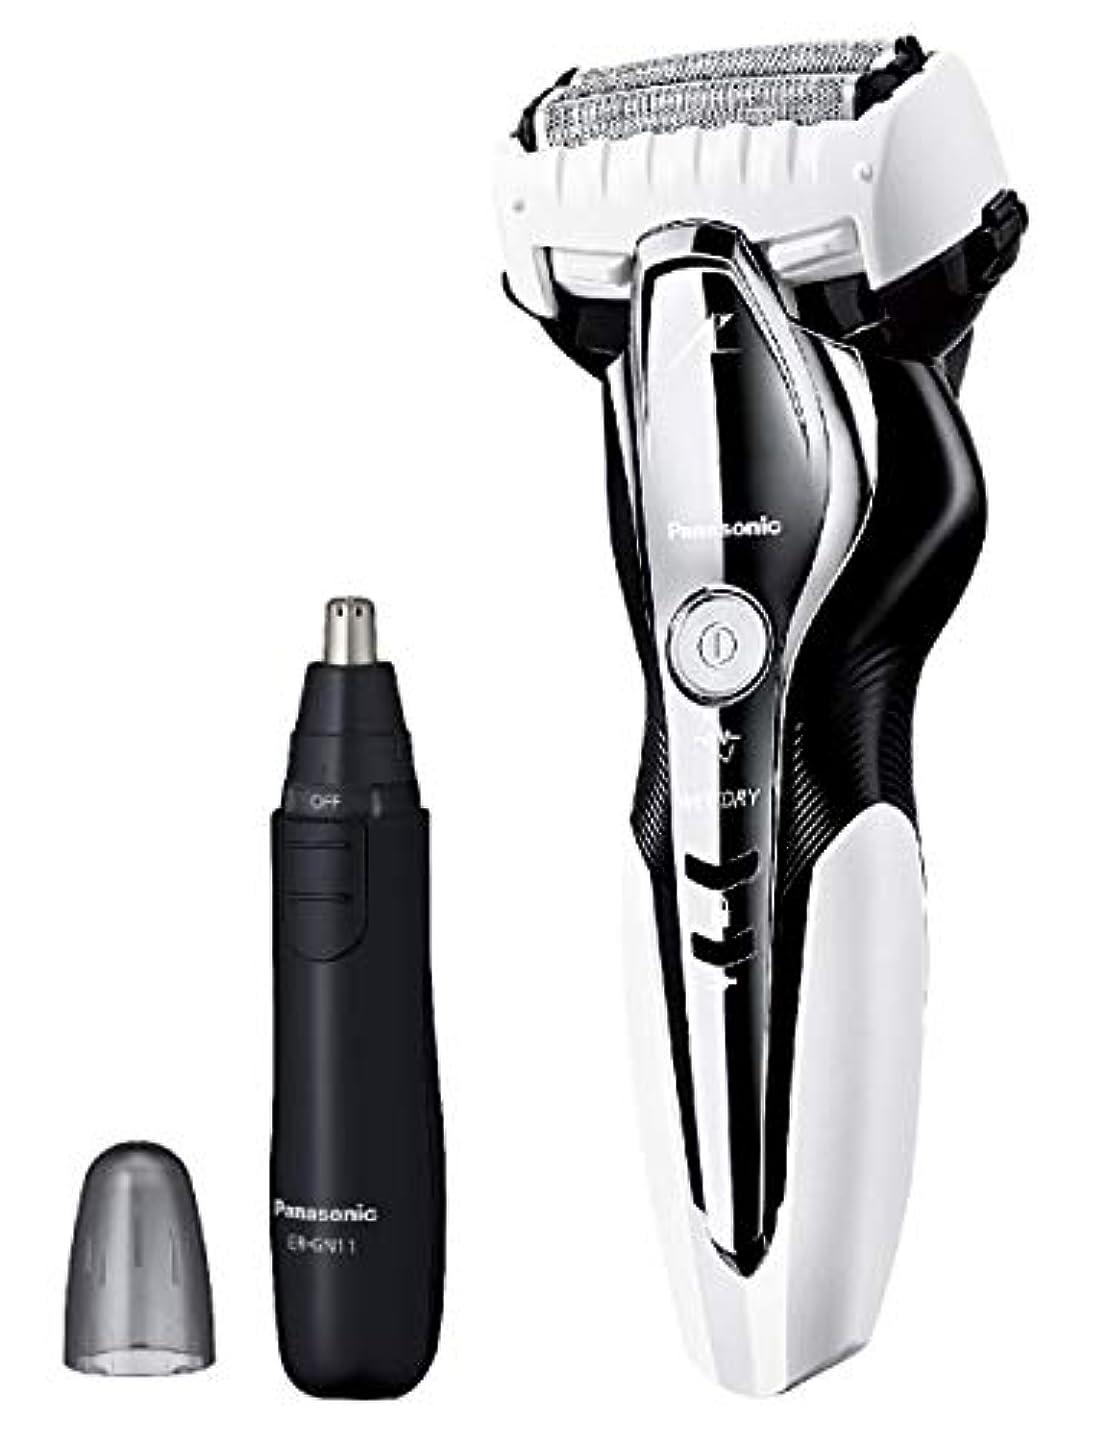 置くためにパック新しさロータリーパナソニック ラムダッシュ メンズシェーバー 3枚刃 お風呂剃り可 白 ES-ST2Q-W + エチケットカッターER-GN11-K セット